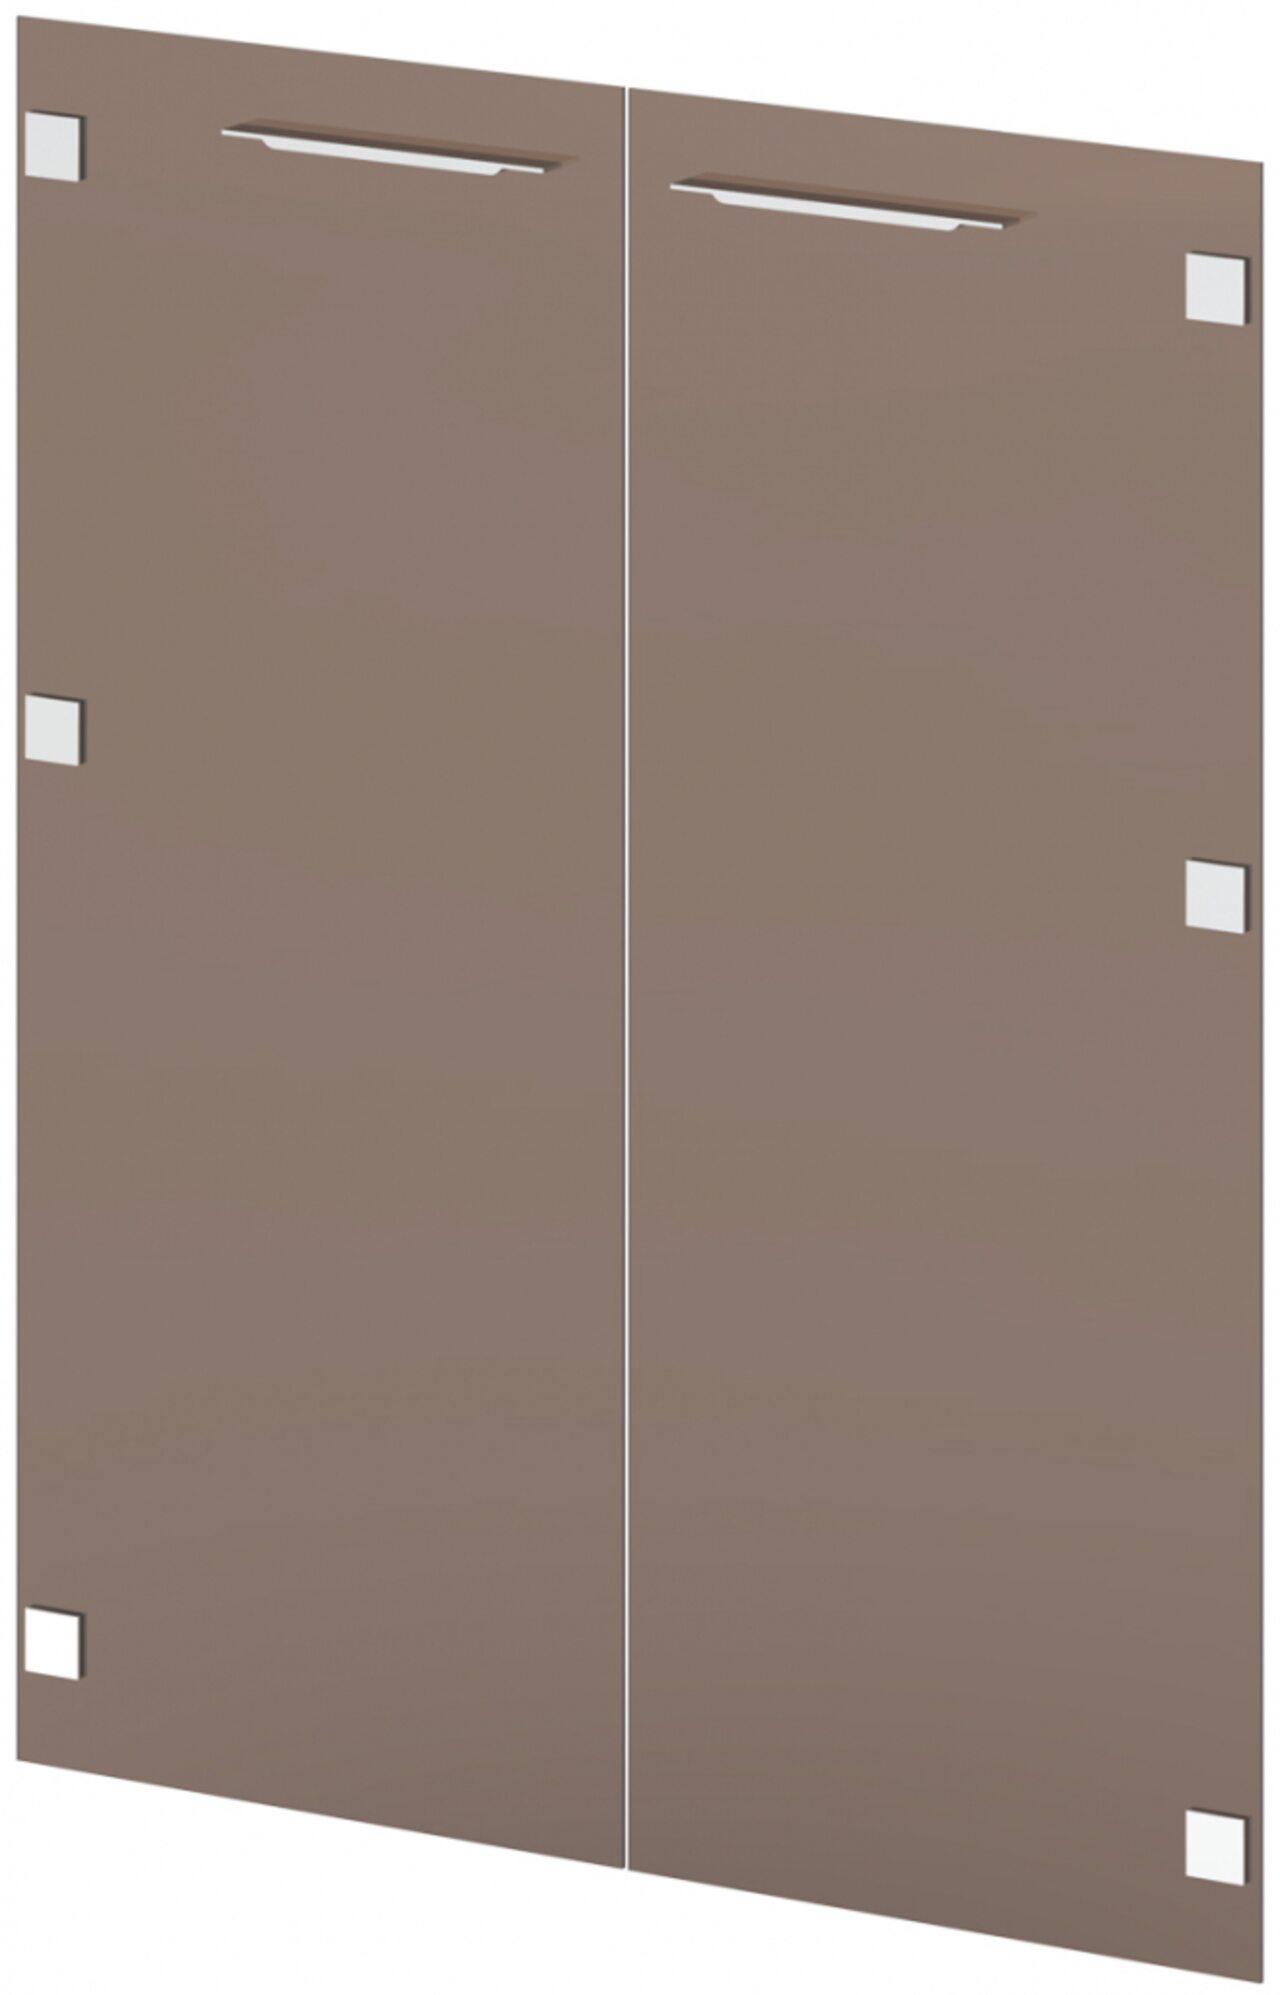 Двери стеклянные средние  Grandeza 90x1x111 - фото 1